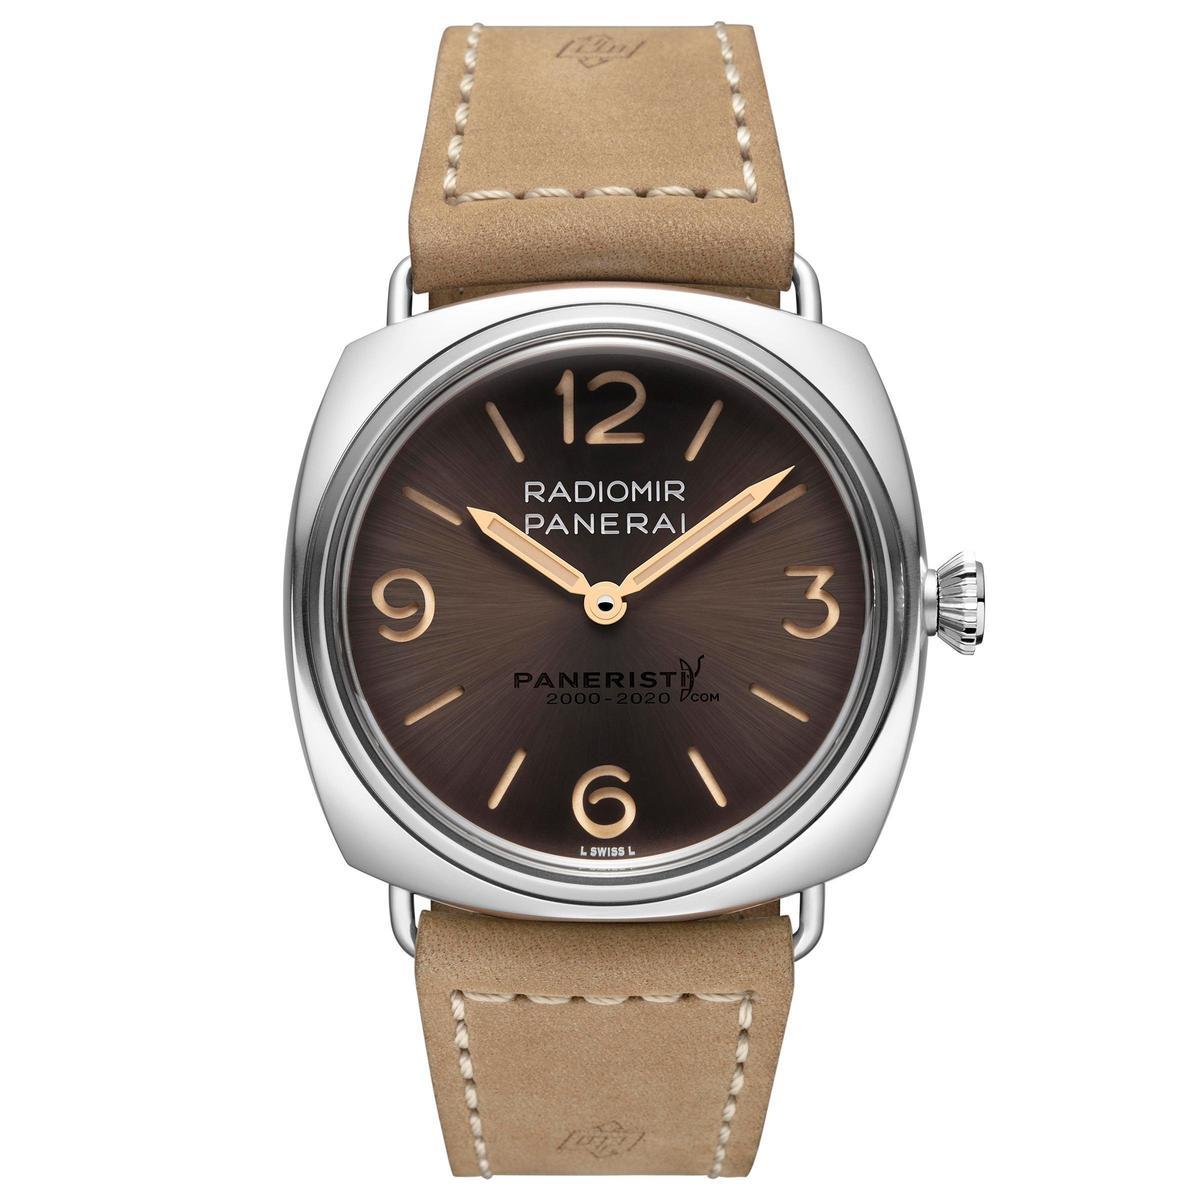 全新Radiomir Venti腕錶限量1020只,建議售價NT$204,500。